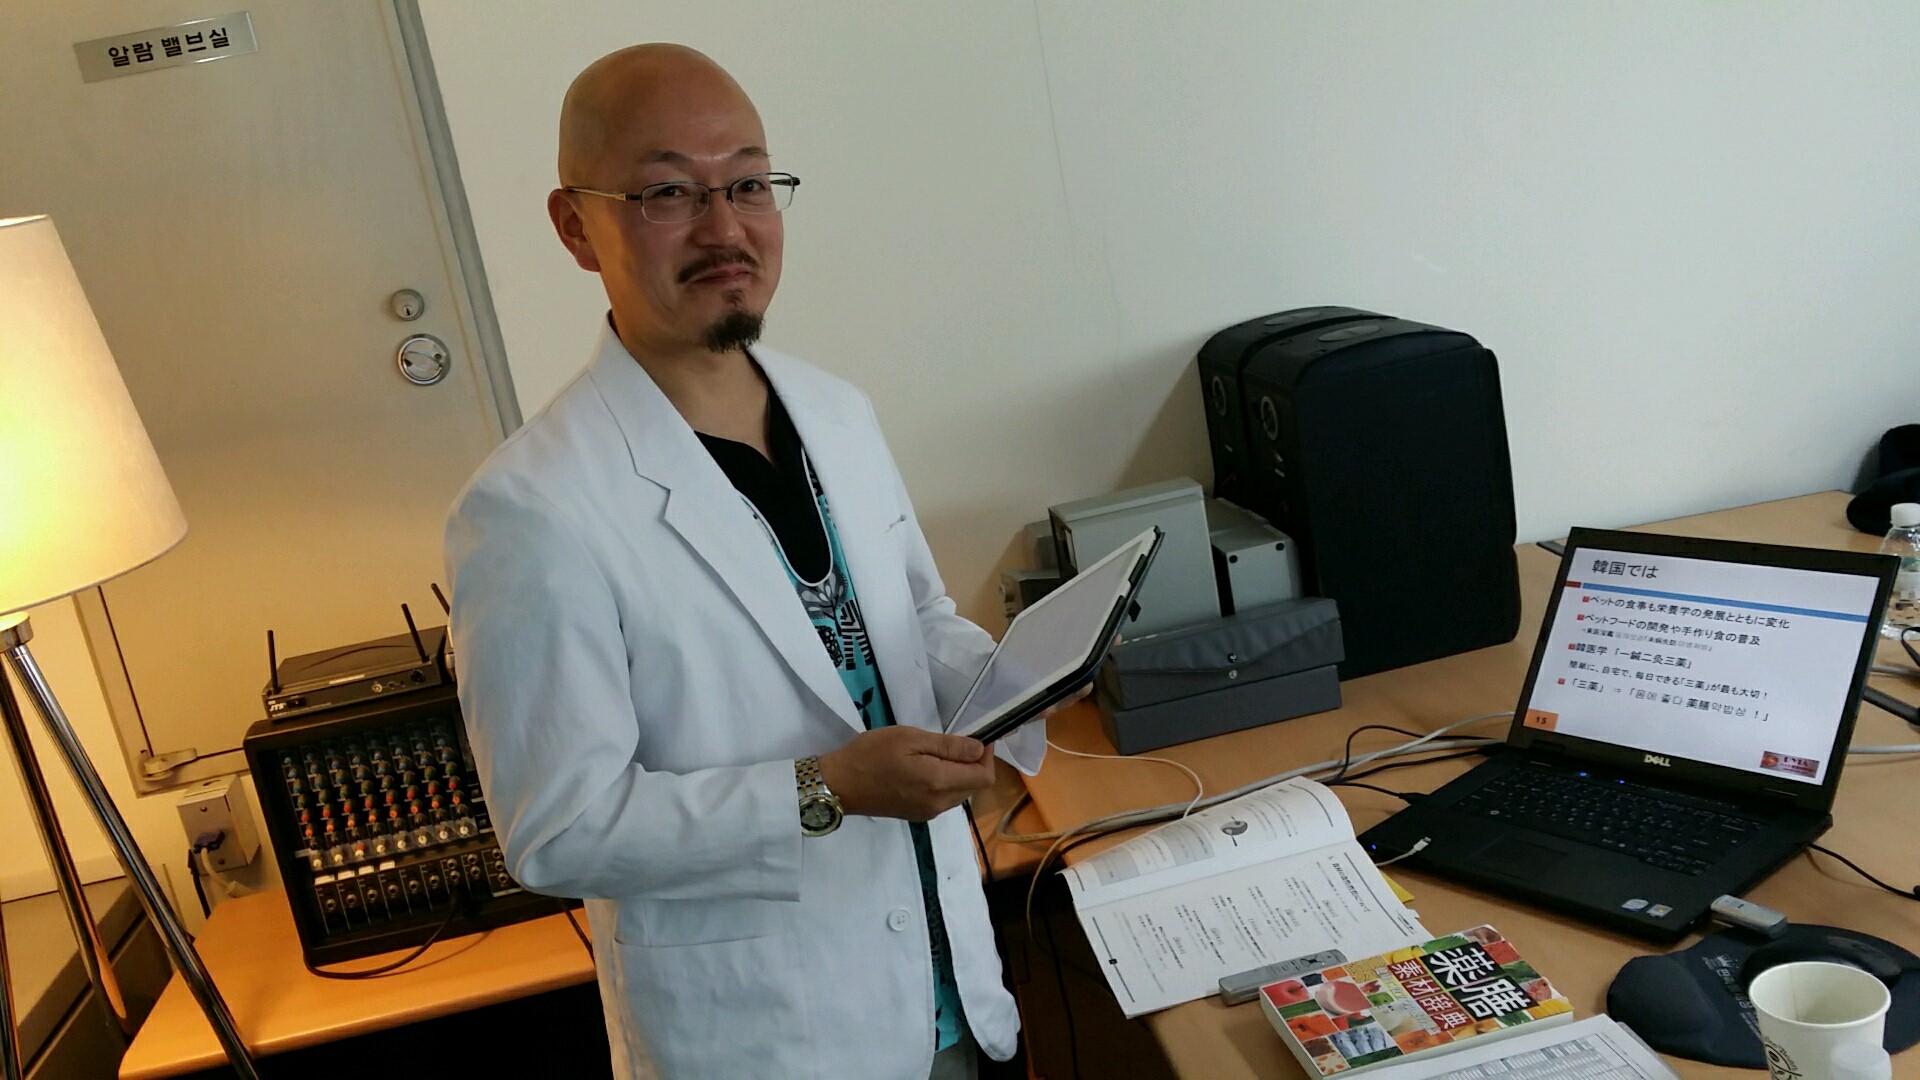 ペット薬膳国際協会の常任理事 梅原先生